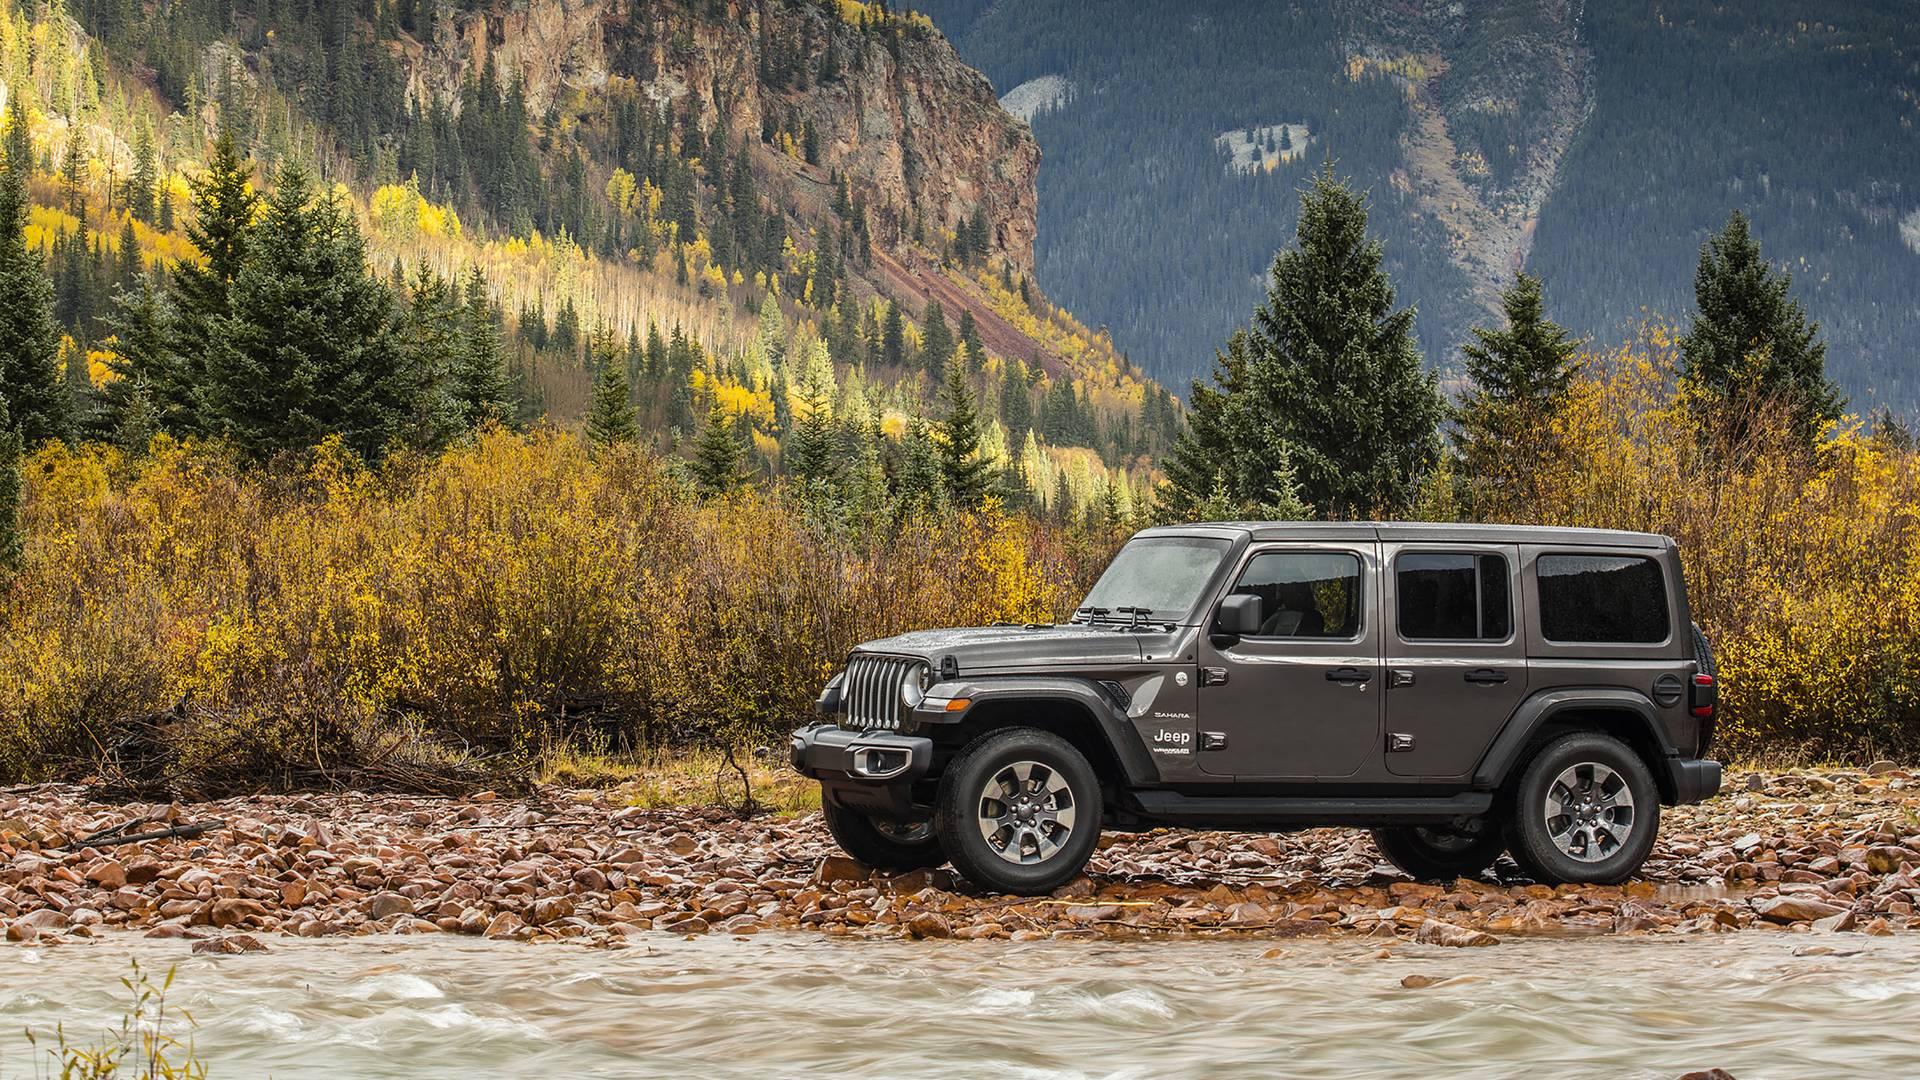 Jeep Wrangler 2018 — фотогалерея